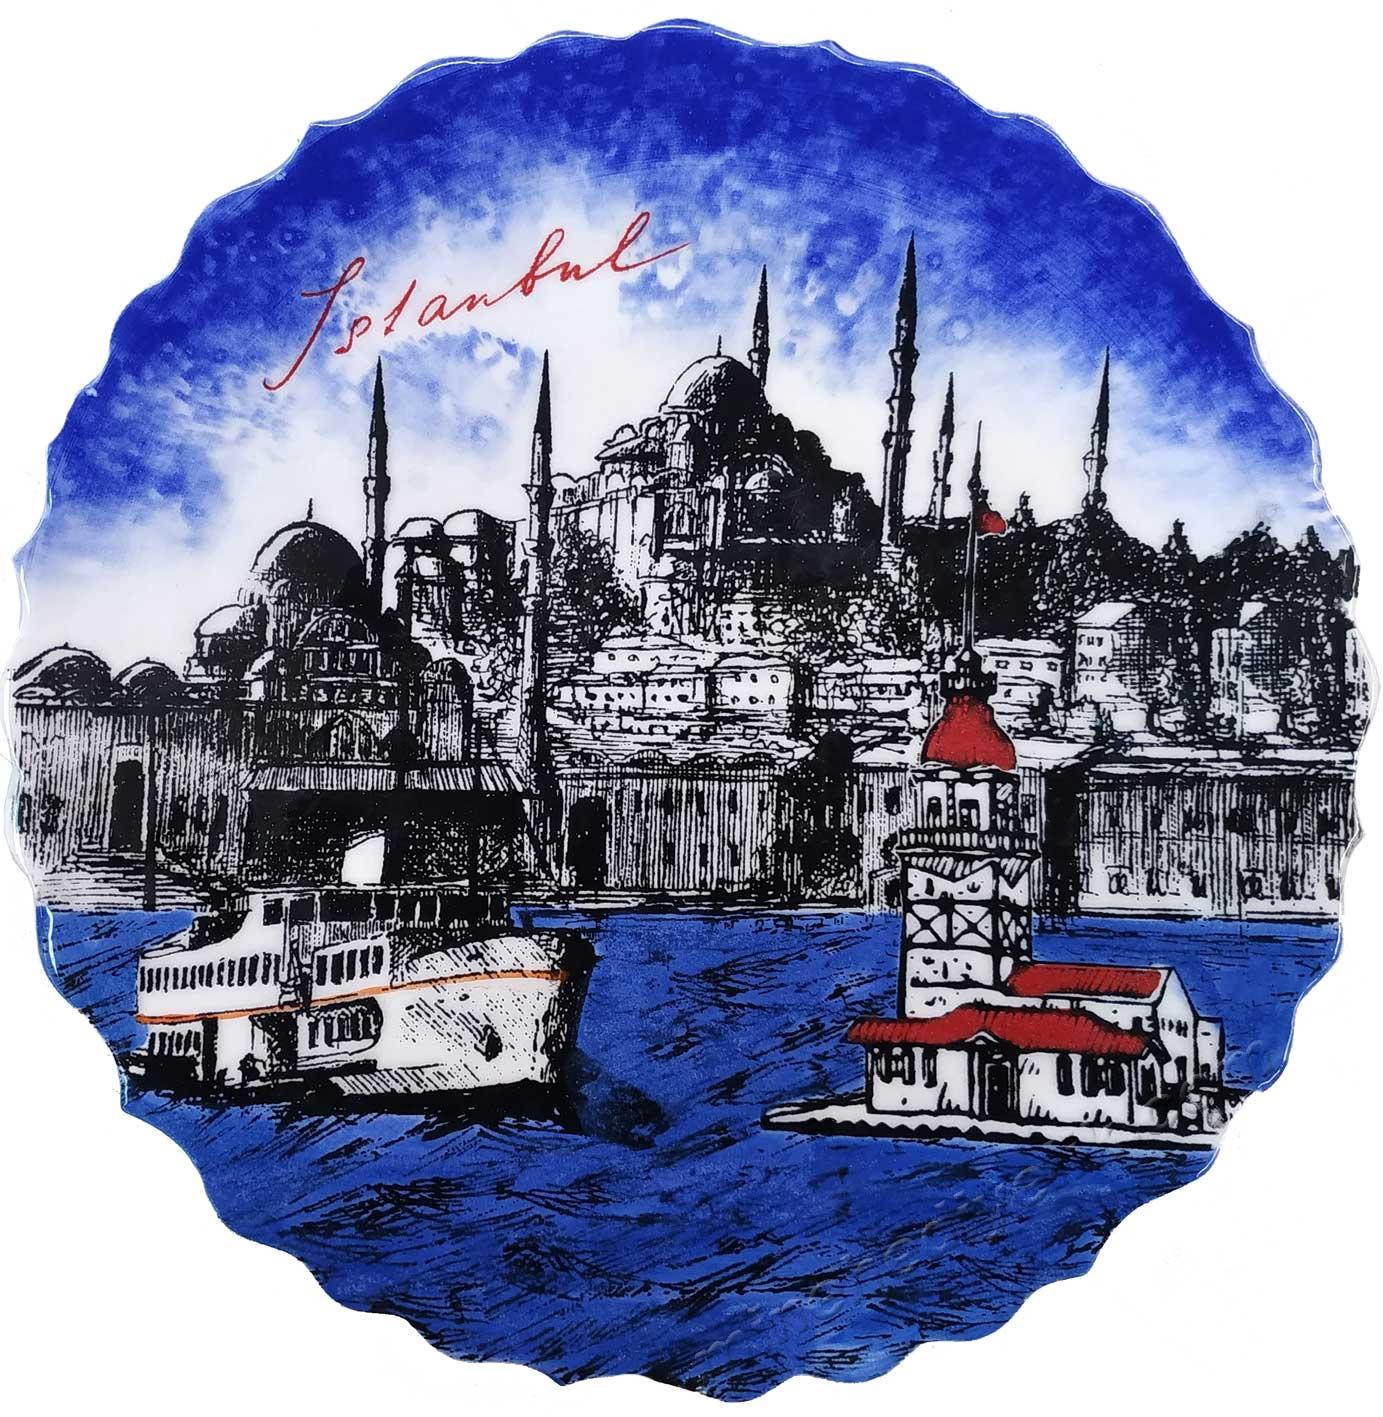 Türkiye ve İstanbul Hatırası Hediyelik Çini Tabak Yabancı Misafirler İçin Kurumsal Hediye